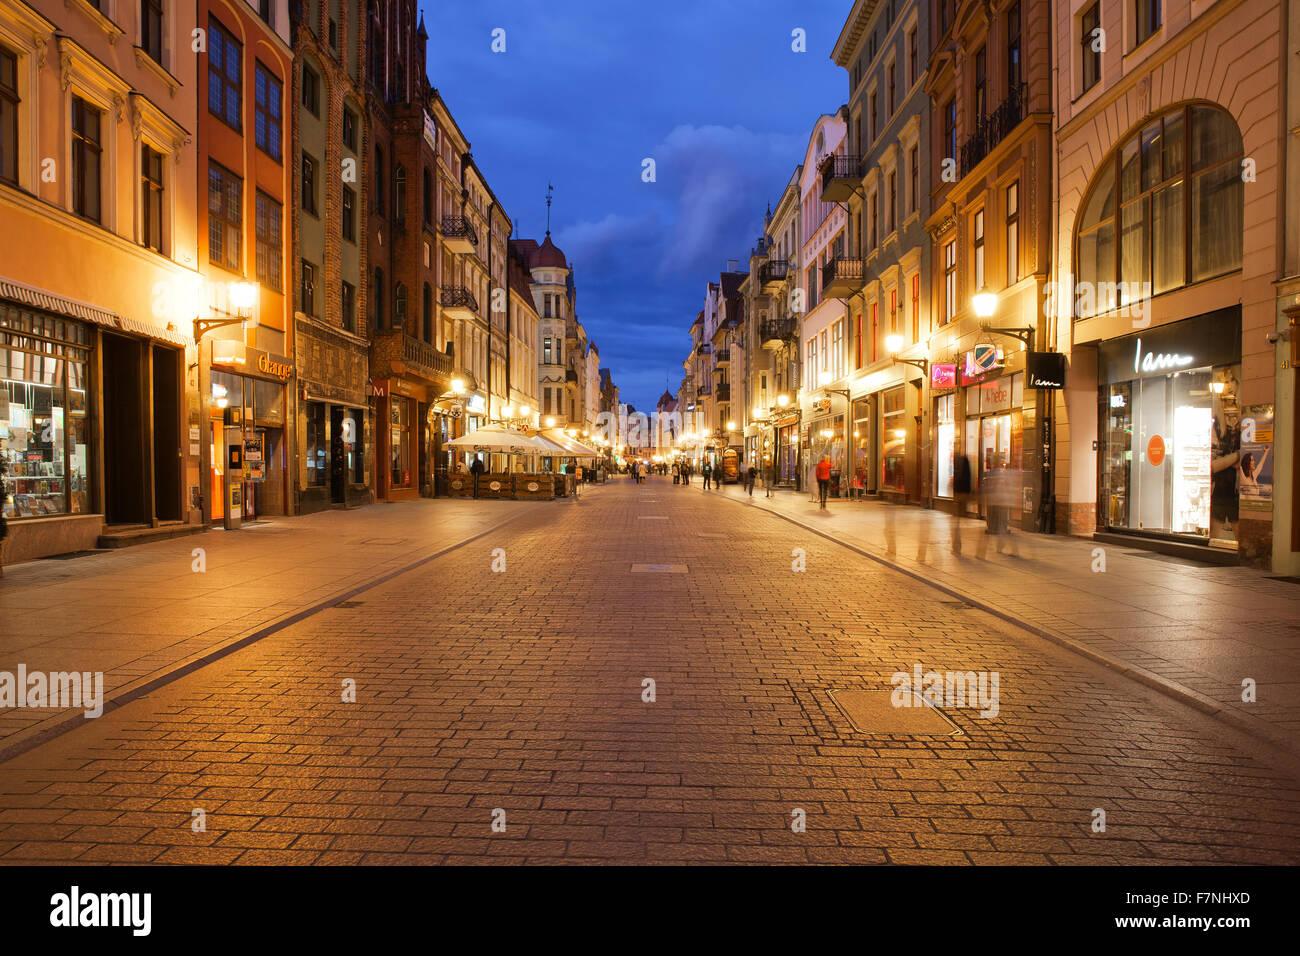 Pologne, Torun, vue de la rue Szeroka au crépuscule du soir Banque D'Images